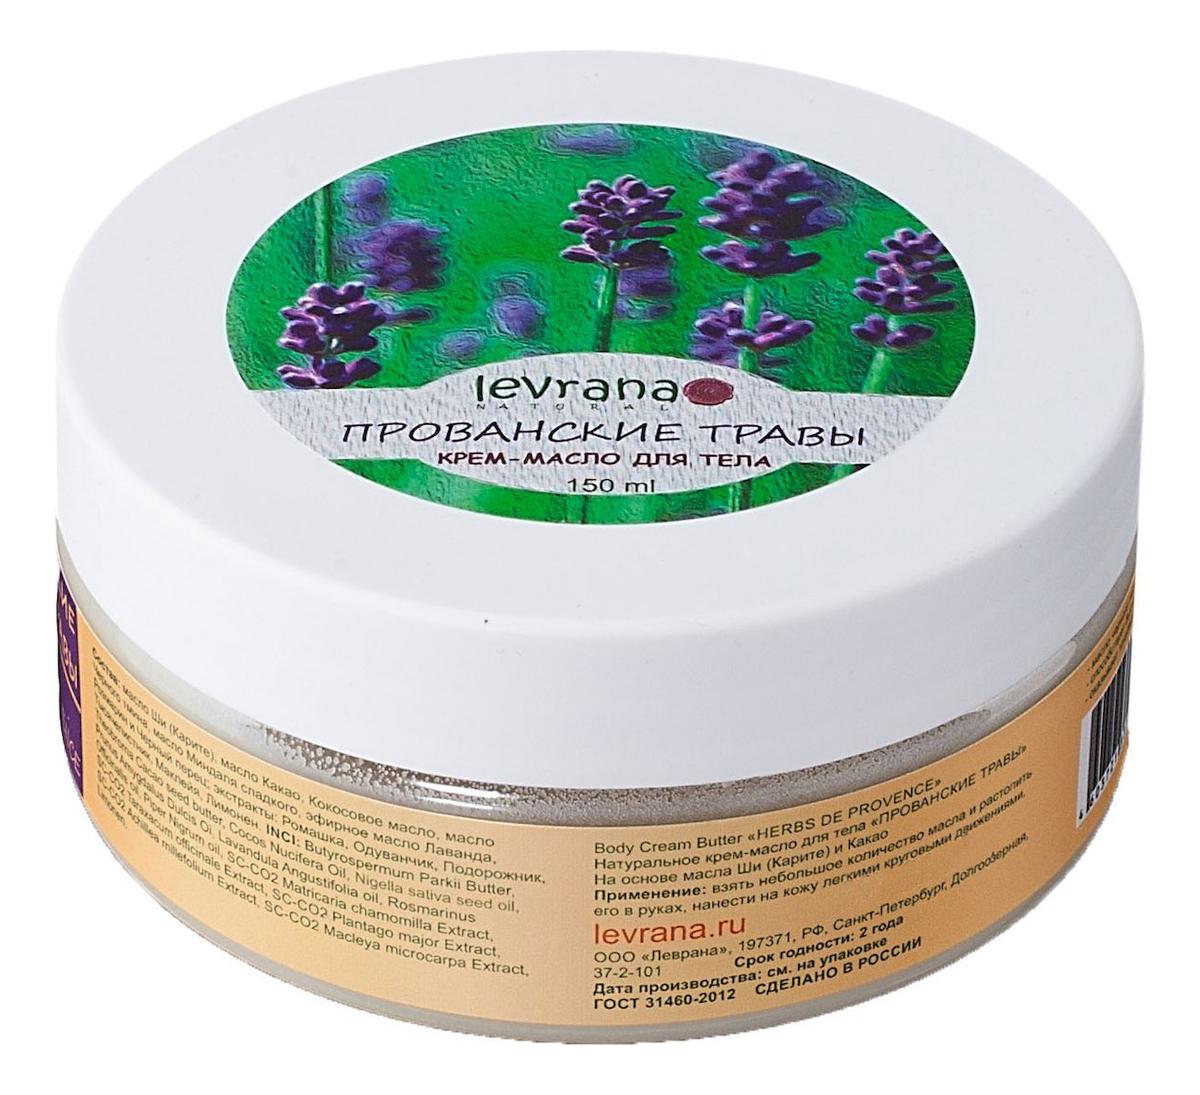 Купить Крем-масло для тела Прованские травы Herbs De Provence Body Cream Butter 150мл, Levrana